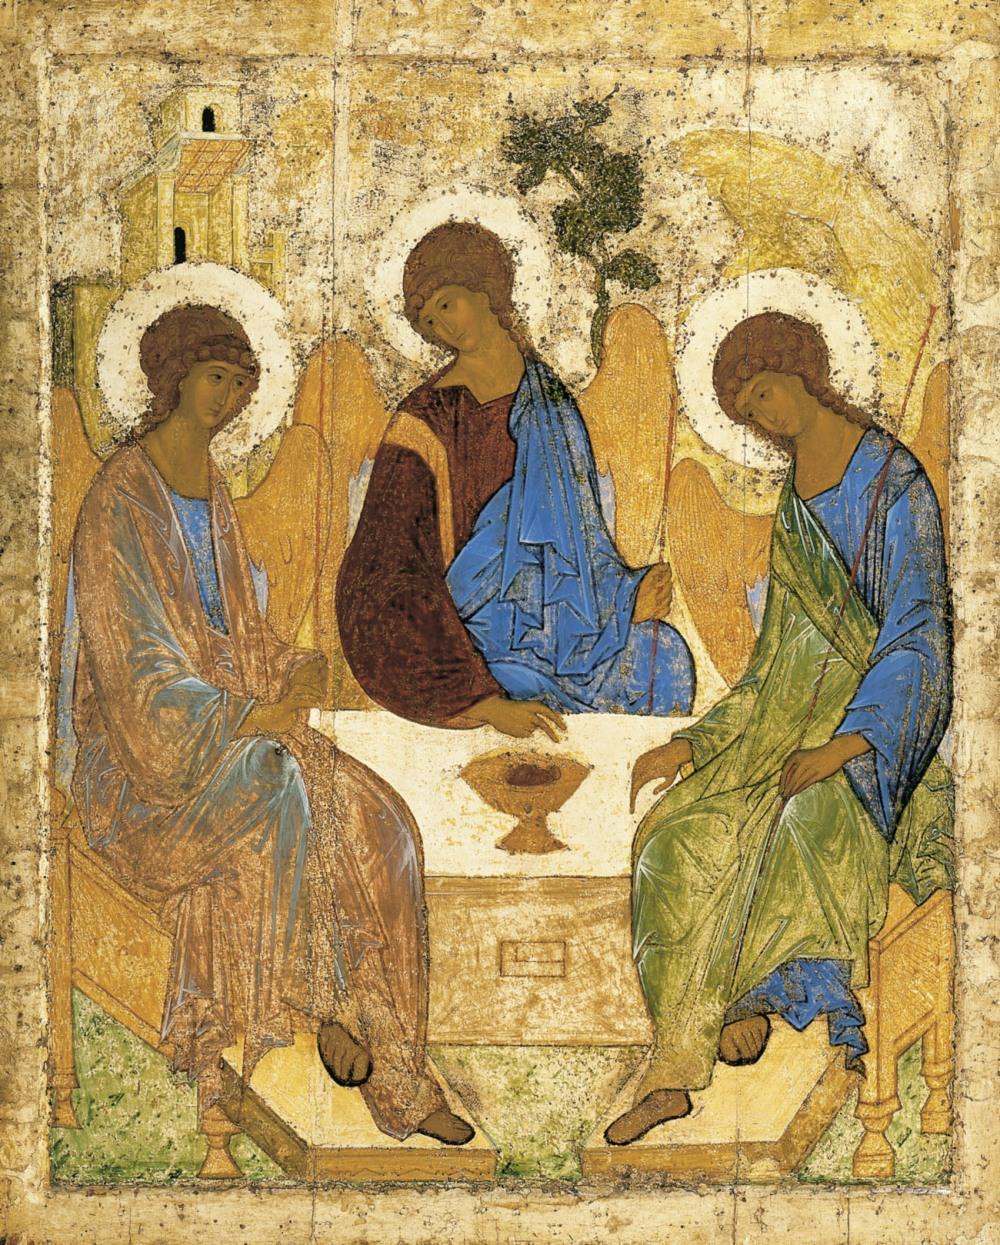 Trinity--Andei Rublev